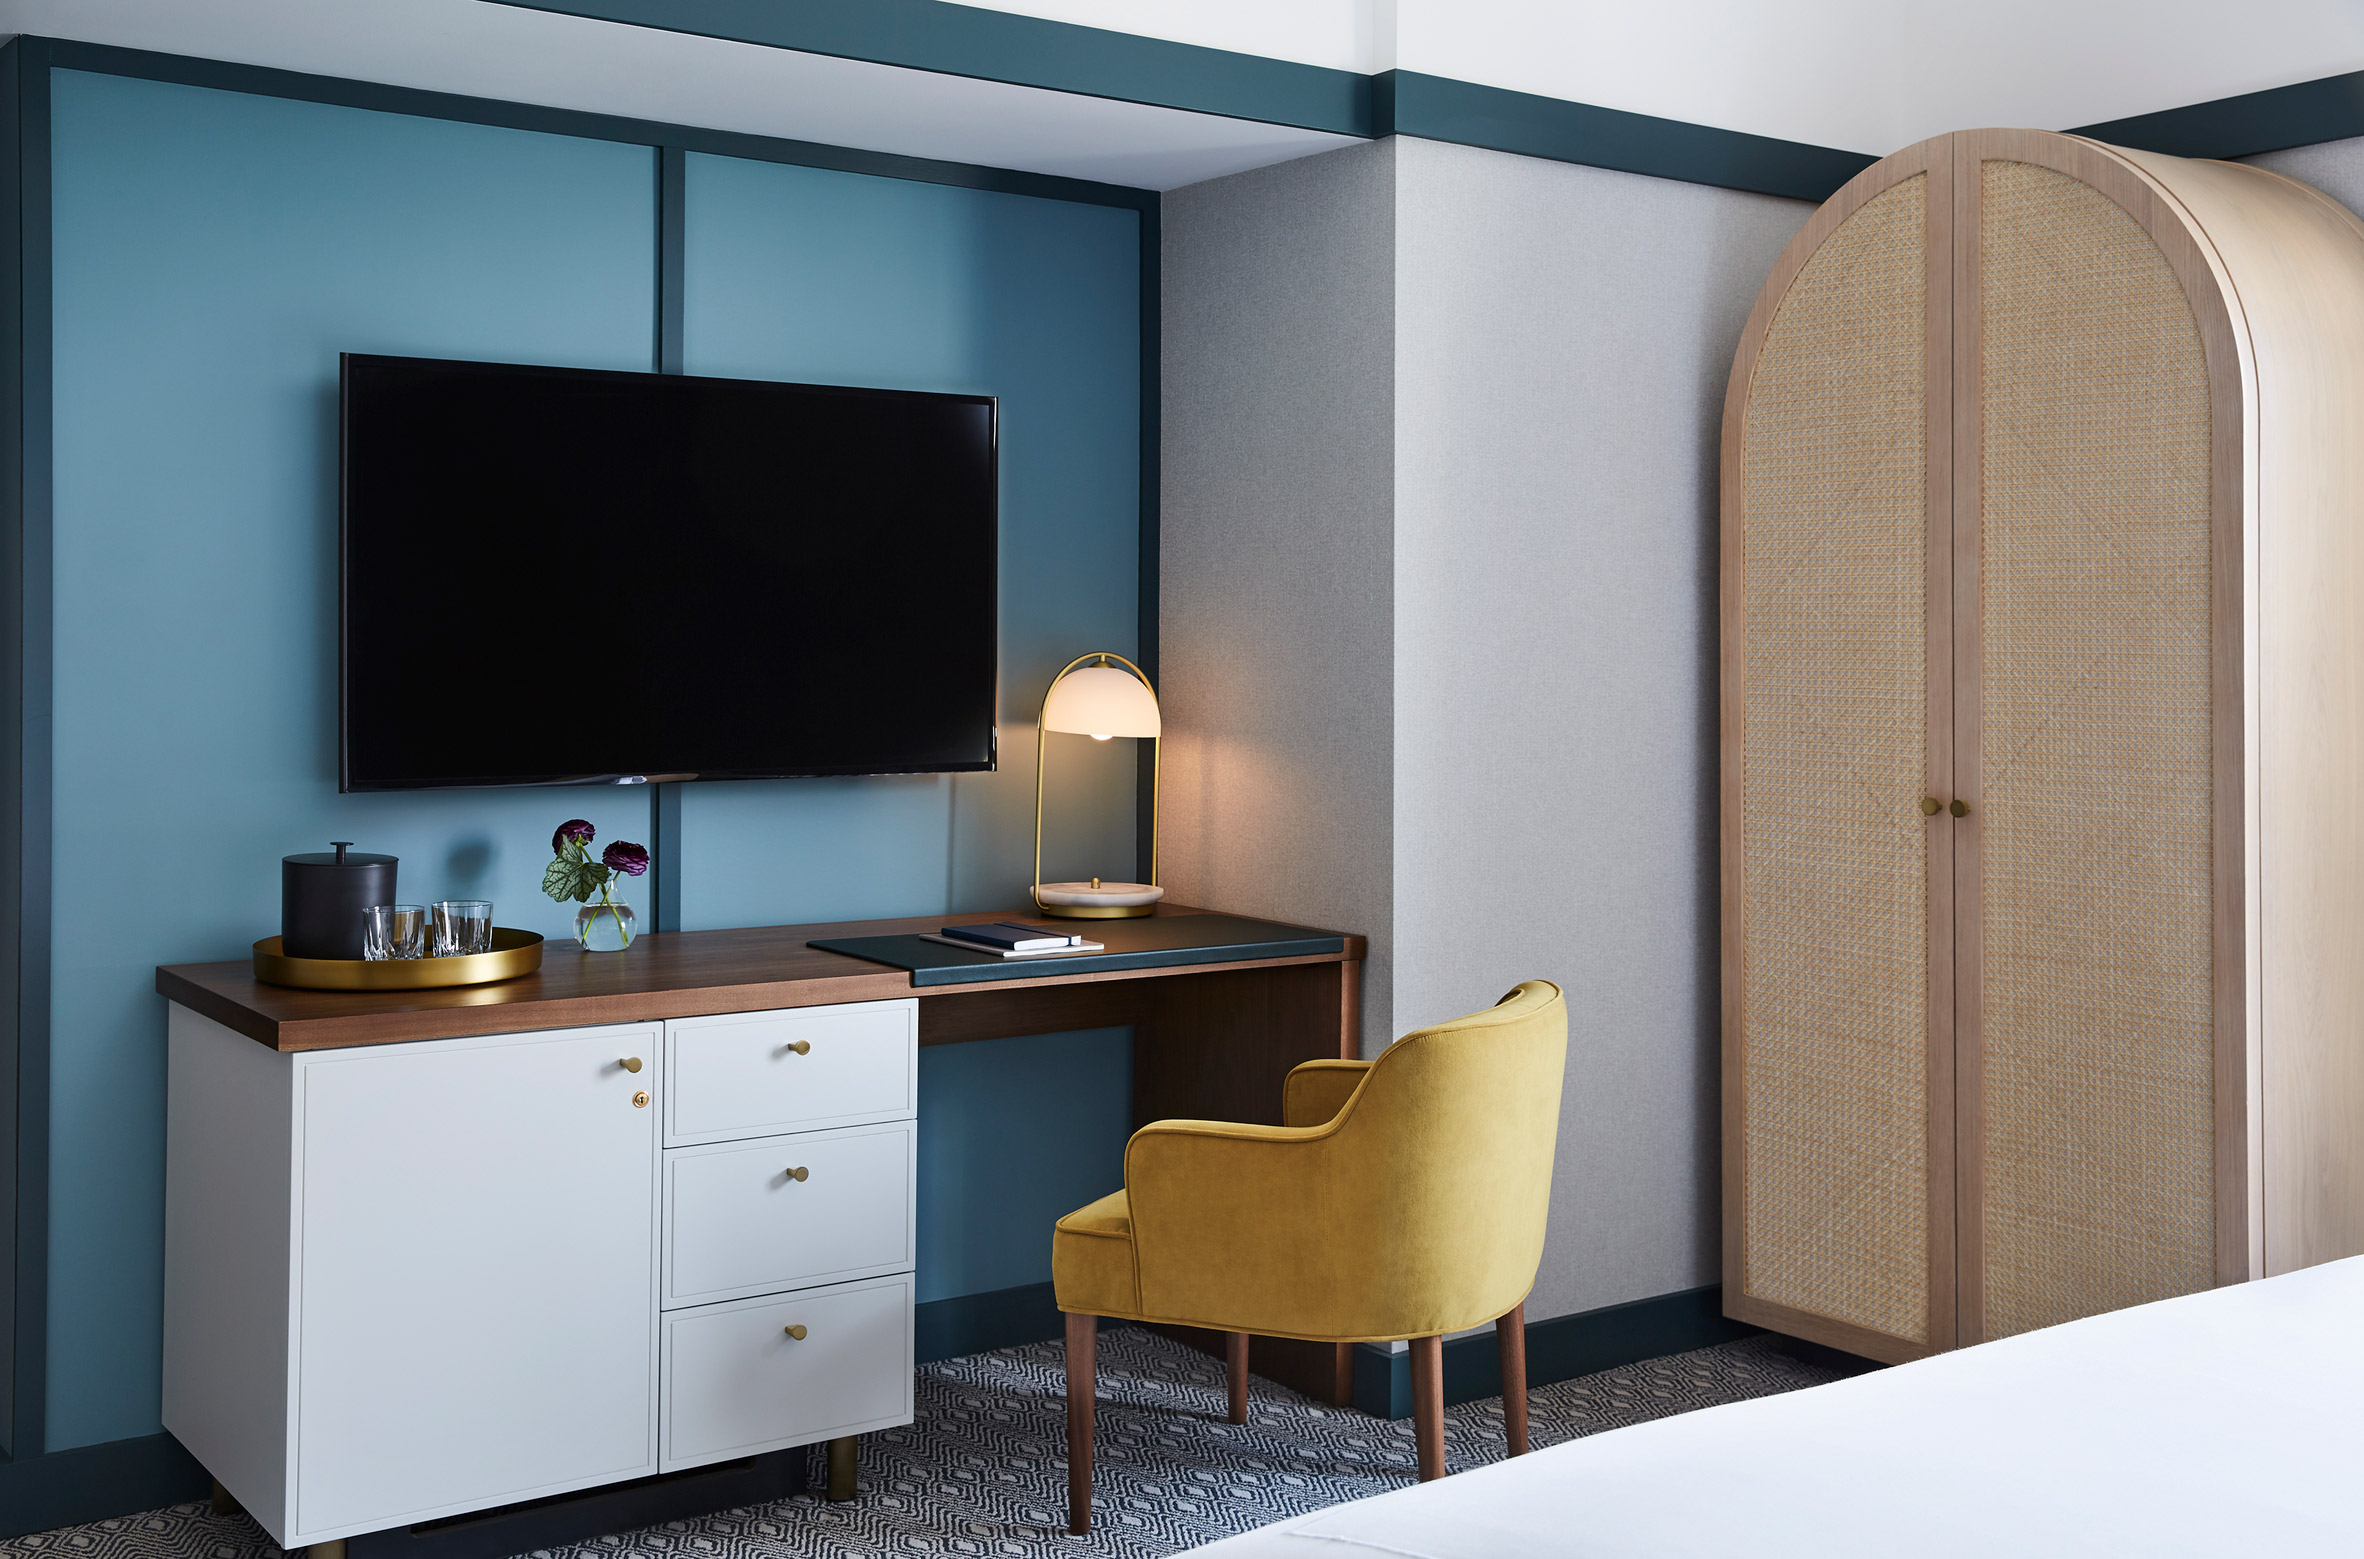 Nội thất khách sạn đẹp 16